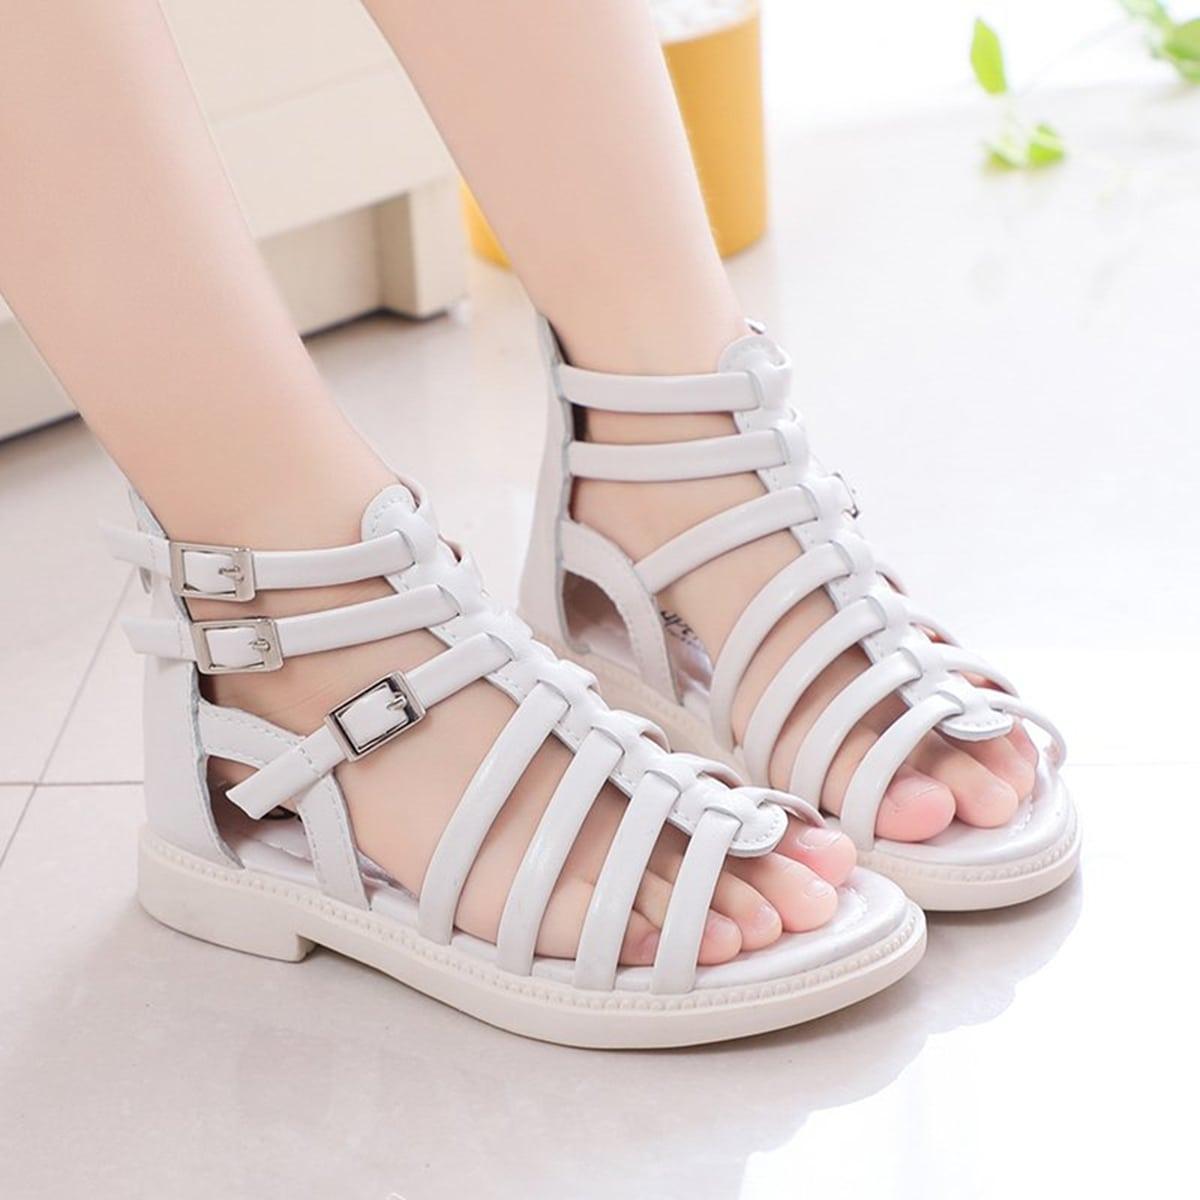 Минималистичные сандалии для девочек SheIn skshoes25210429240